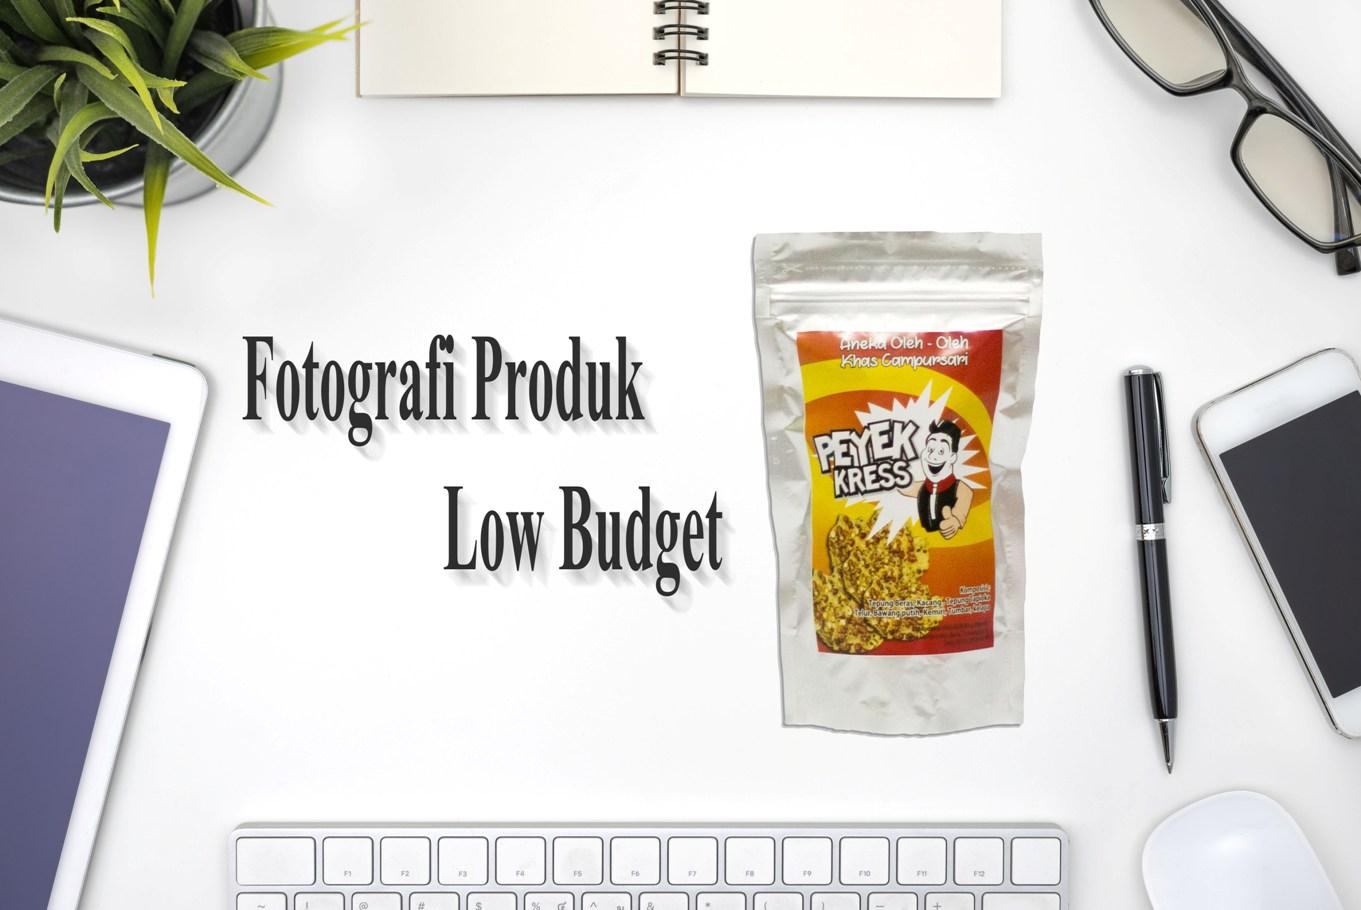 fotografi produk low budget